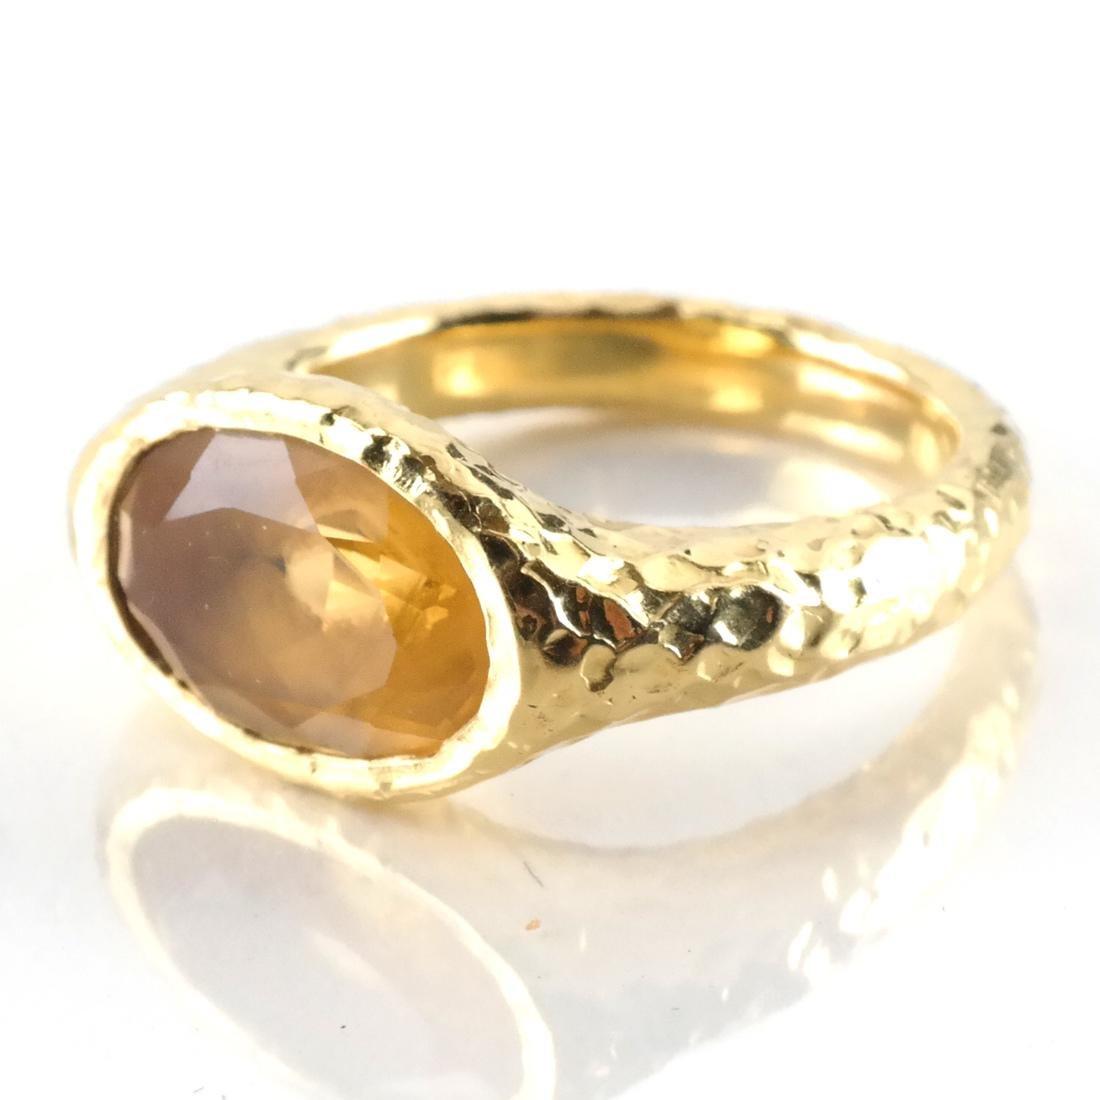 3-Piece 14k YG, Citrine Ring & Earrings - 3